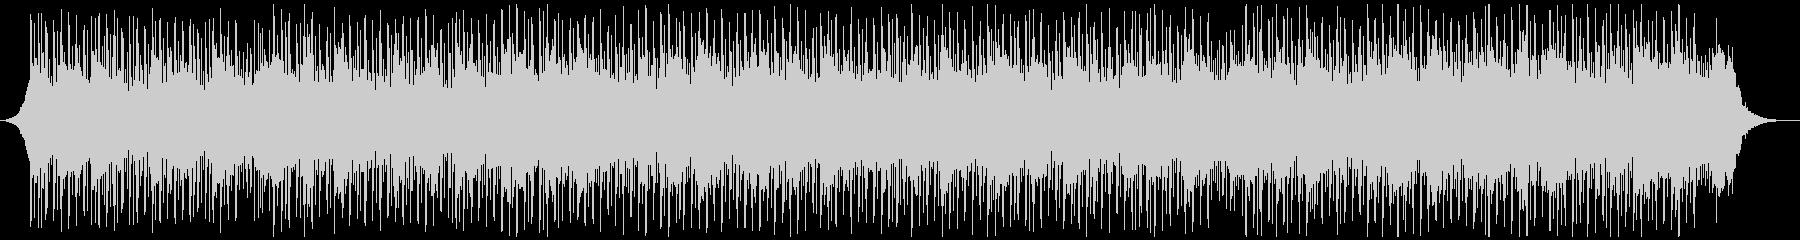 バックグラウンドインタビューの未再生の波形